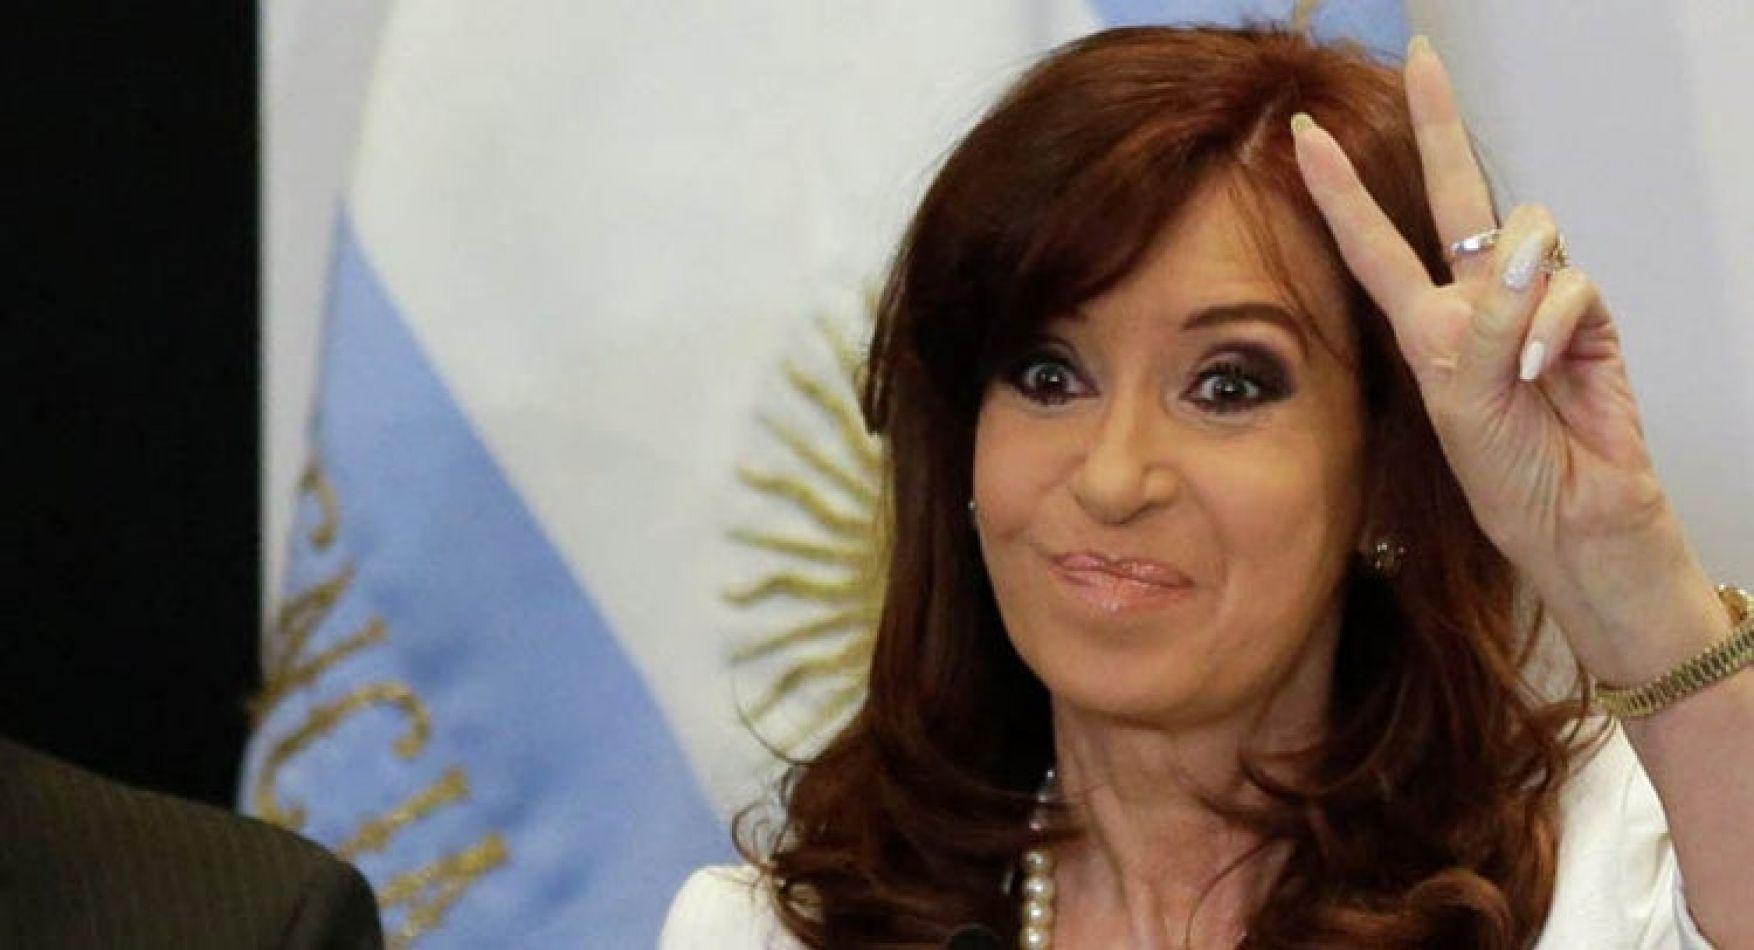 El próximo martes Cristina Kirchner volverá a ser Presidenta de la Nación